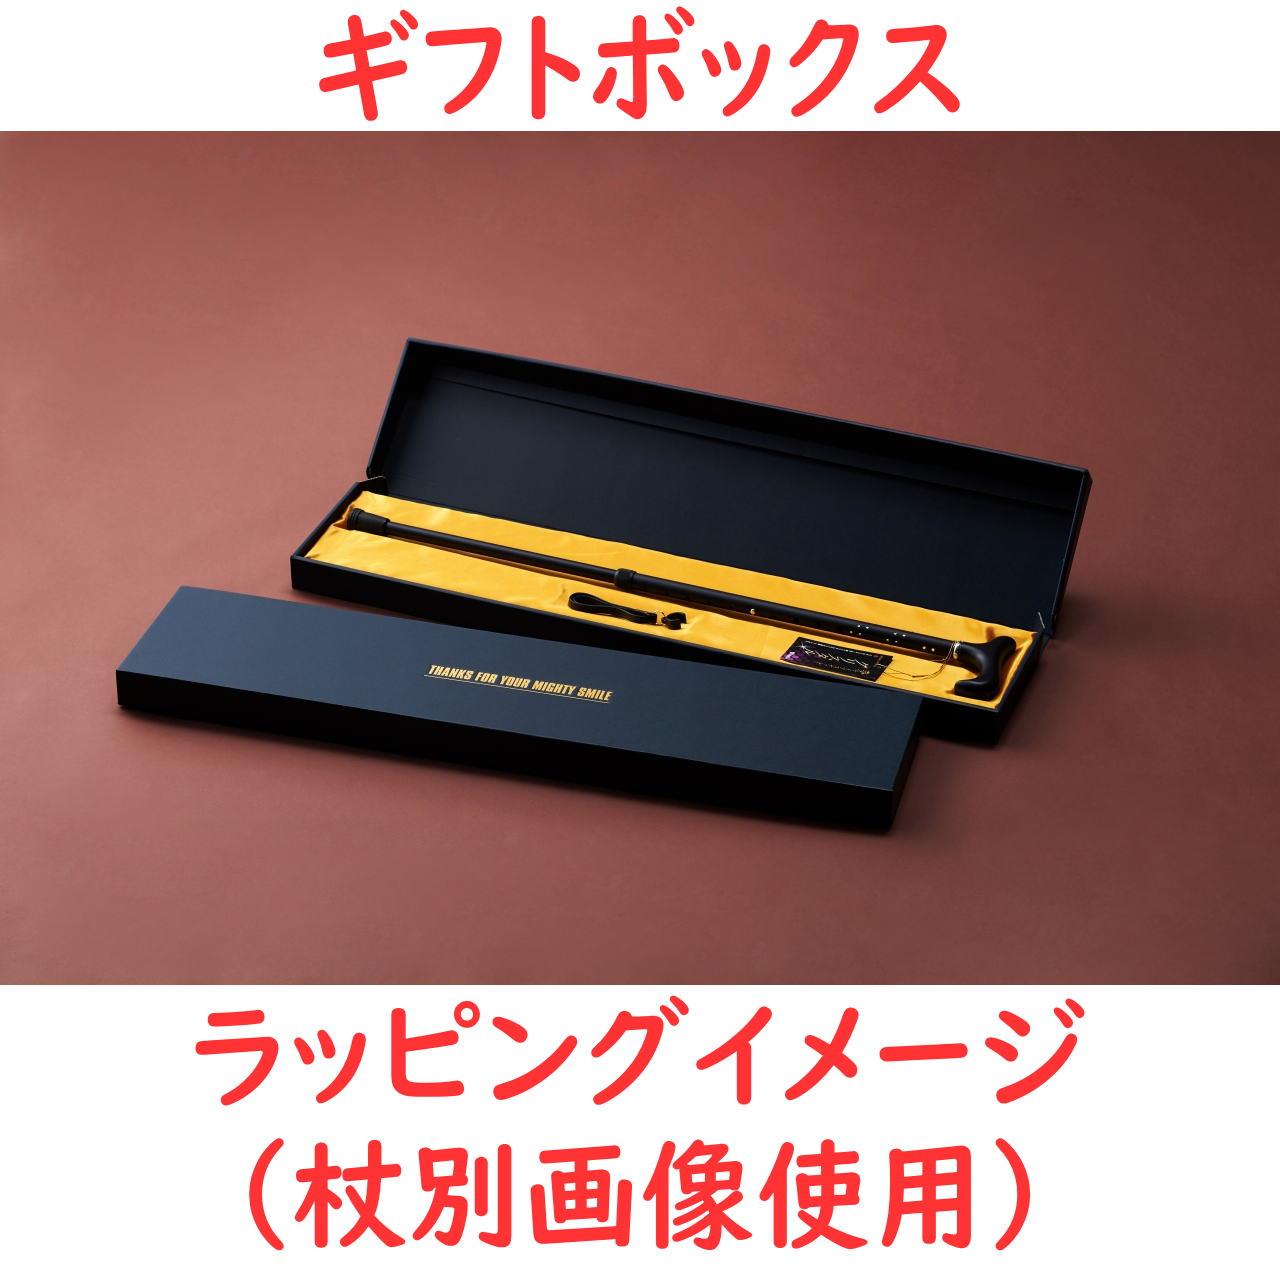 ☆ギフトボックス可☆ 夢ライフステッキ 伸縮型(スリムタイプ) ネイビー